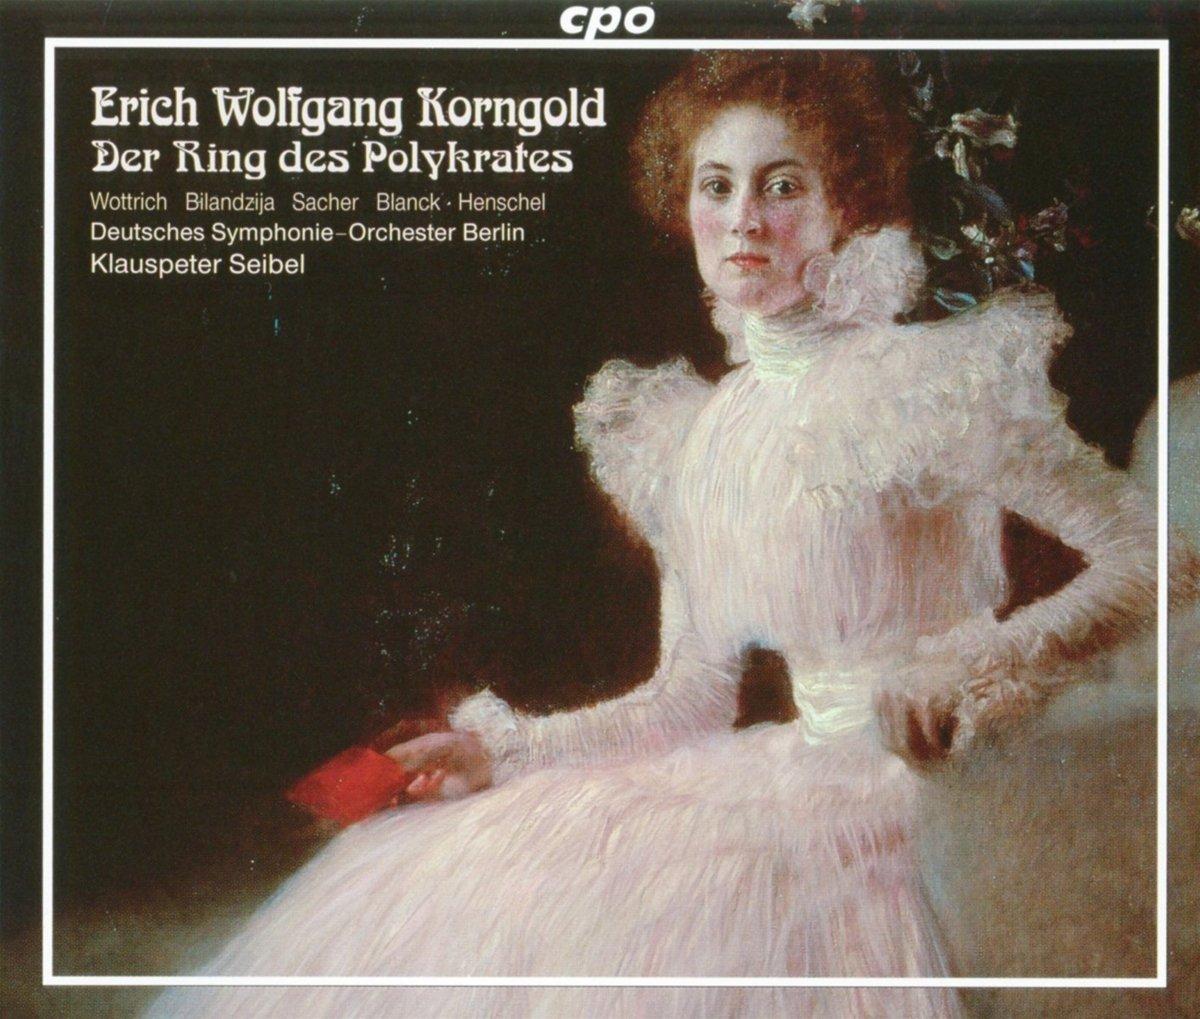 Korngold - Der Ring des Polykrates / Siebel